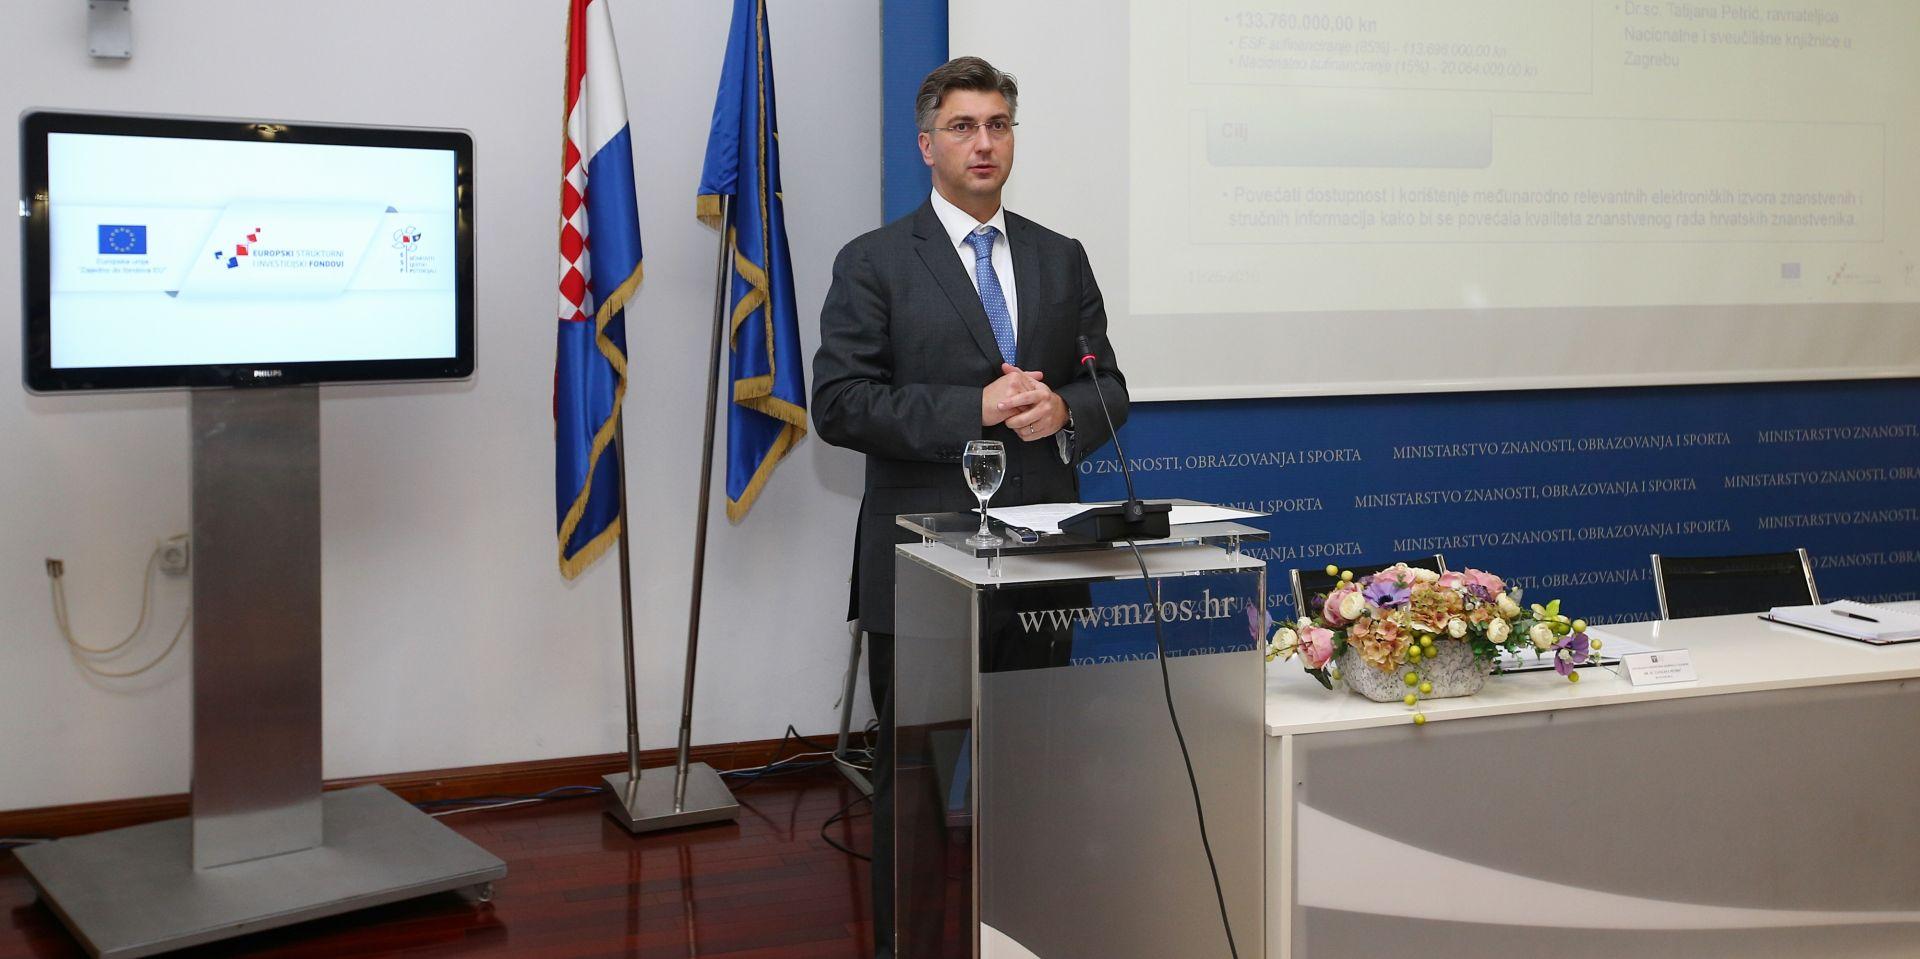 PLENKOVIĆ: Pokrećemo postupak ratifikacije Konvencije o borbi protiv nasilja nad ženama